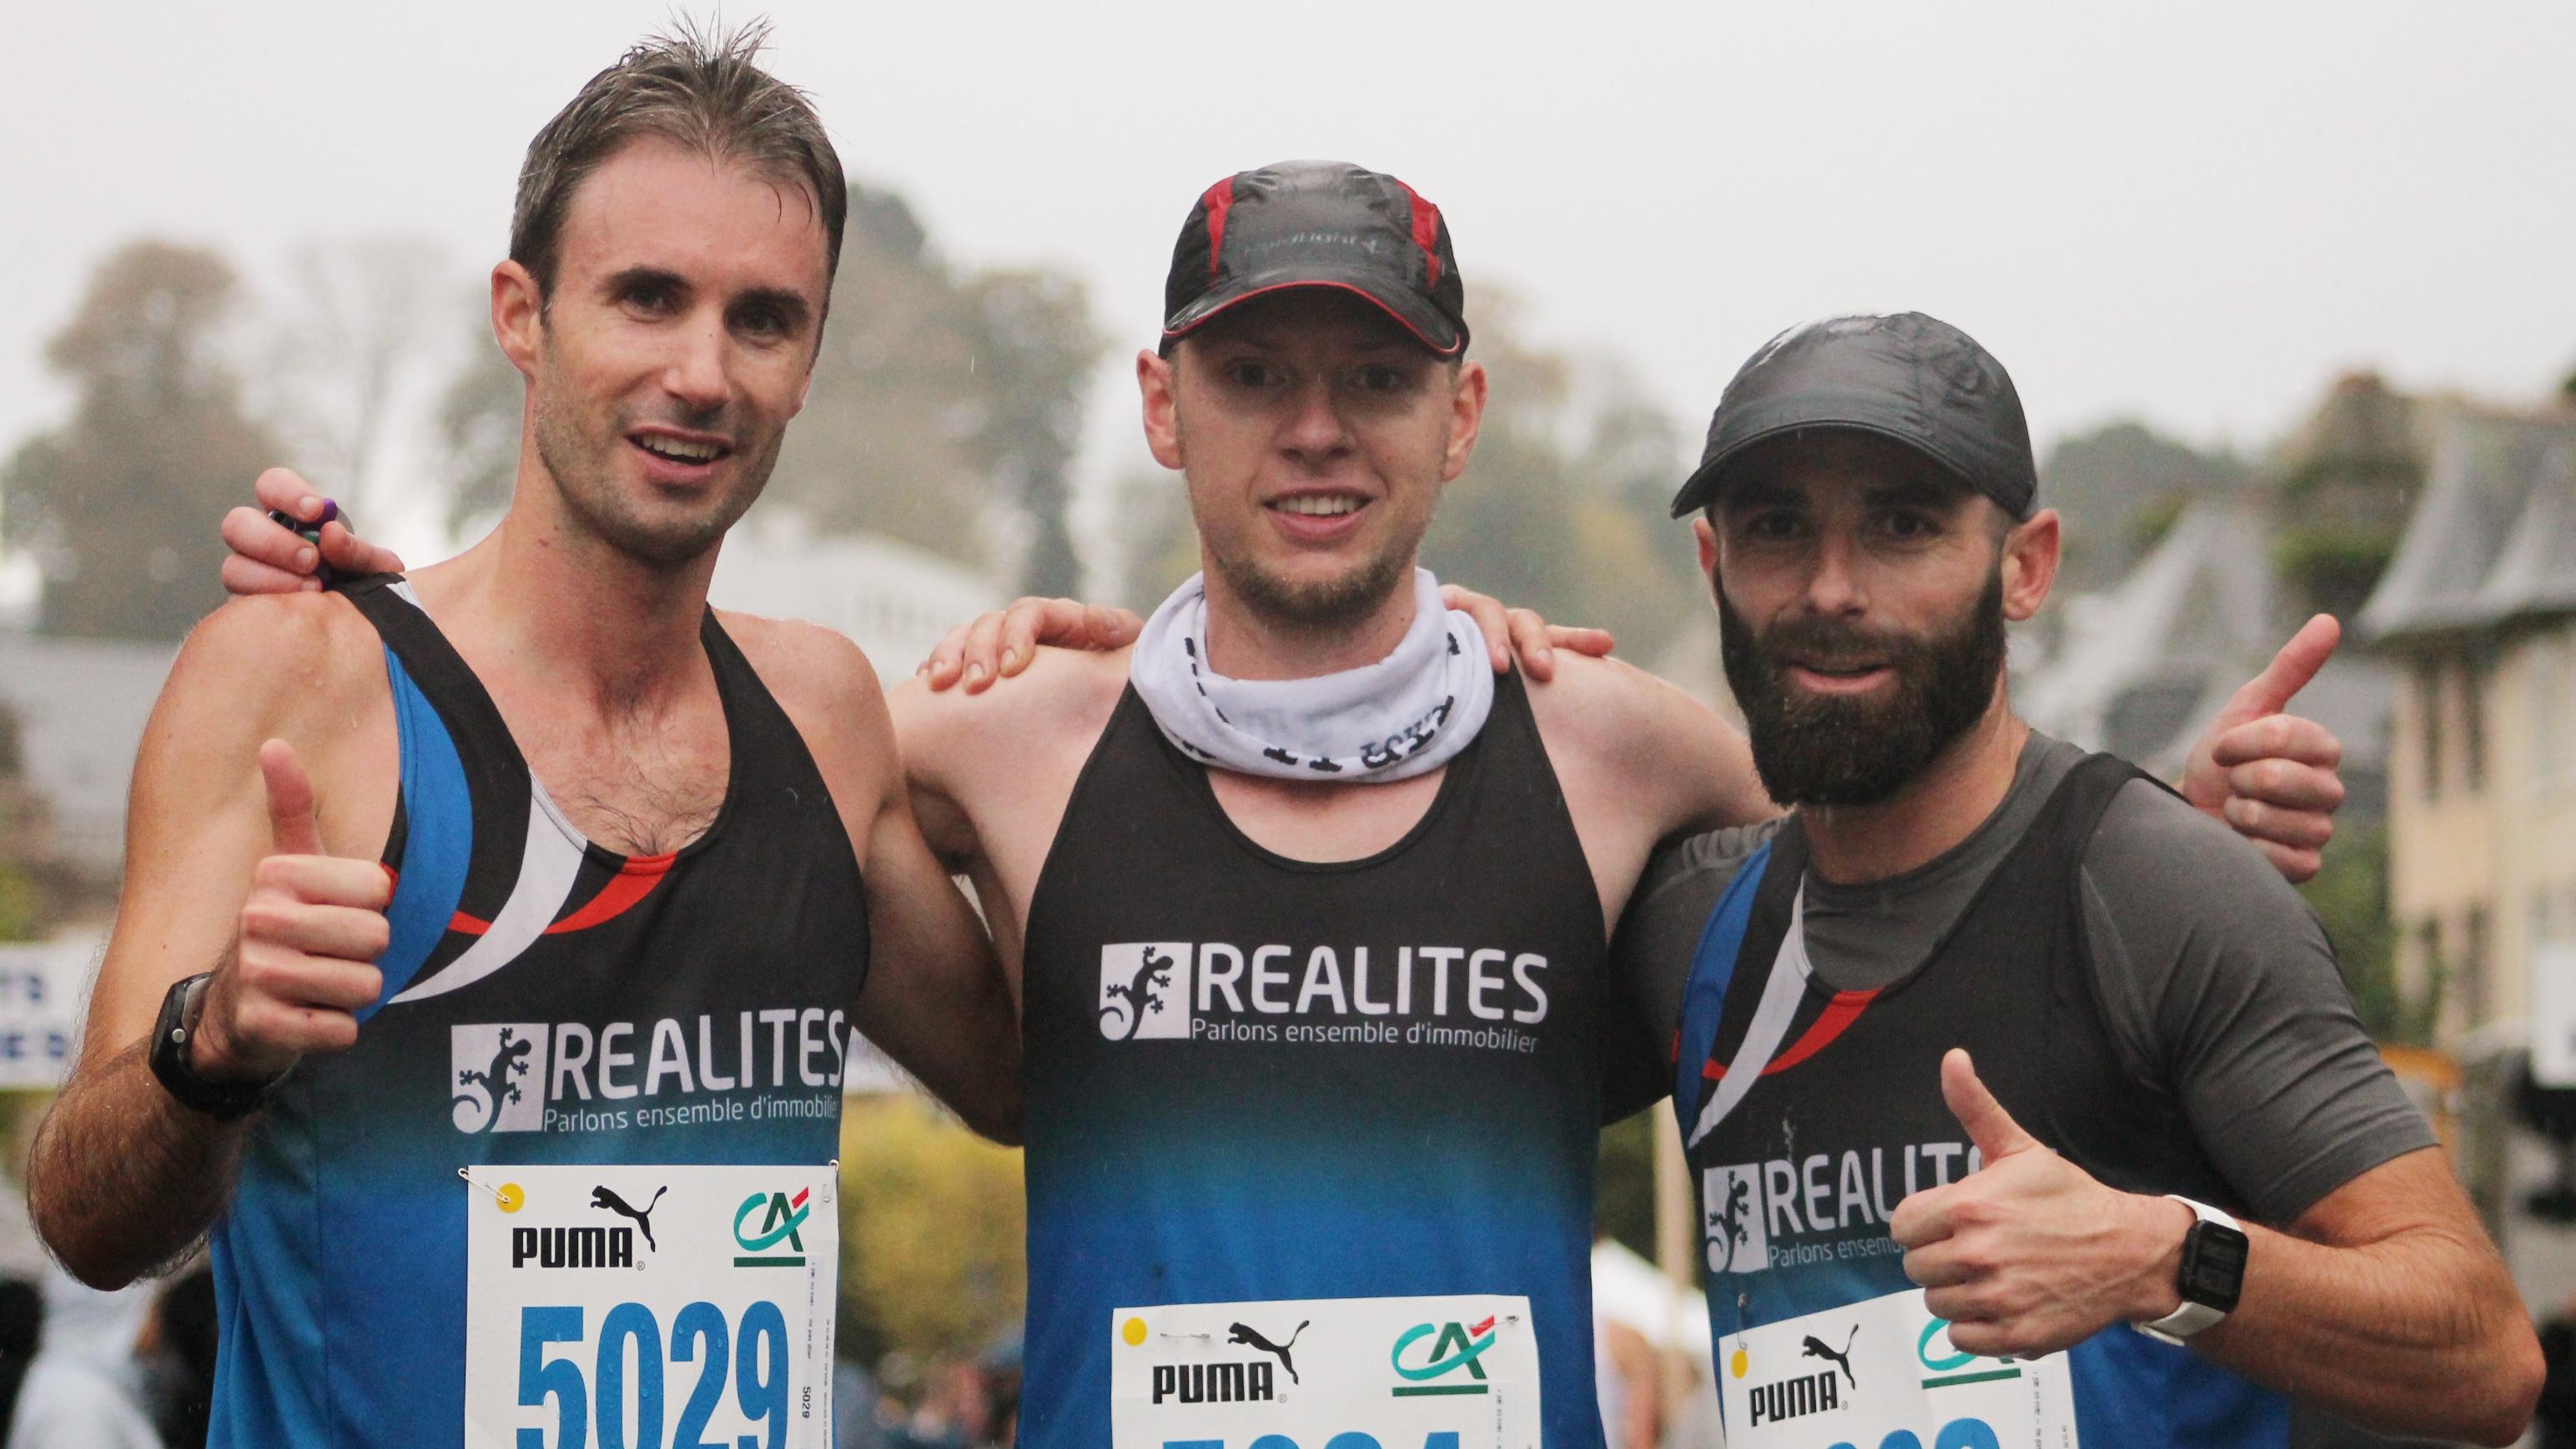 Résultats du week-end : Jérôme Joussemet, premier Français au marathon de New-York